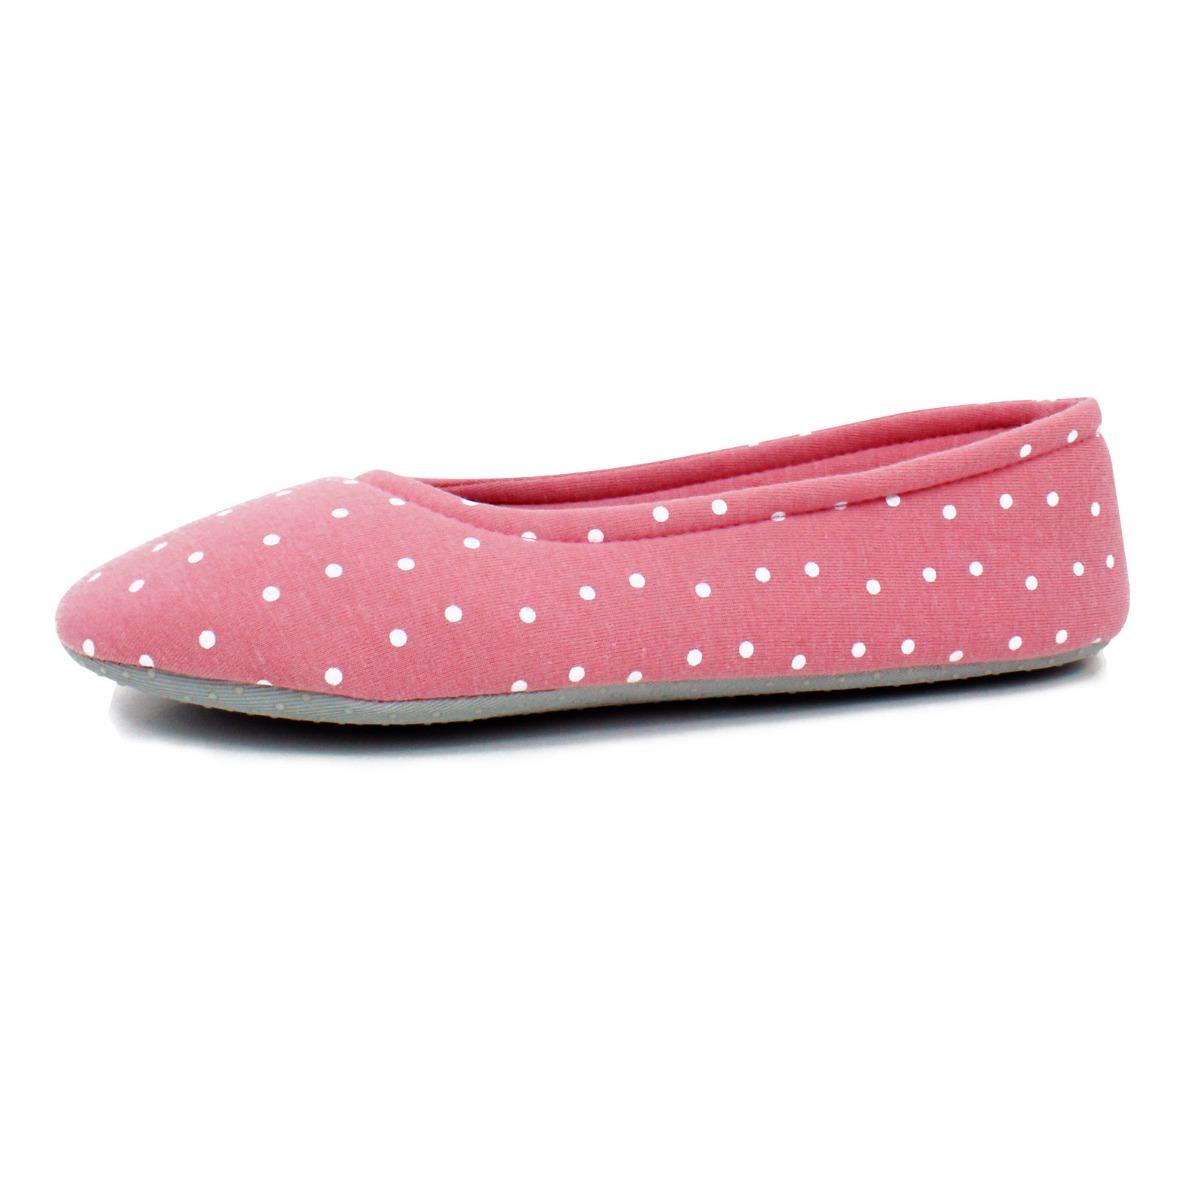 Para-mujer-Resbalon-en-Zapatos-De-Ballet-Ballerina-Tenis-Calcetines-Casa-Para-Damas-Ninas-Talla-4-8 miniatura 18